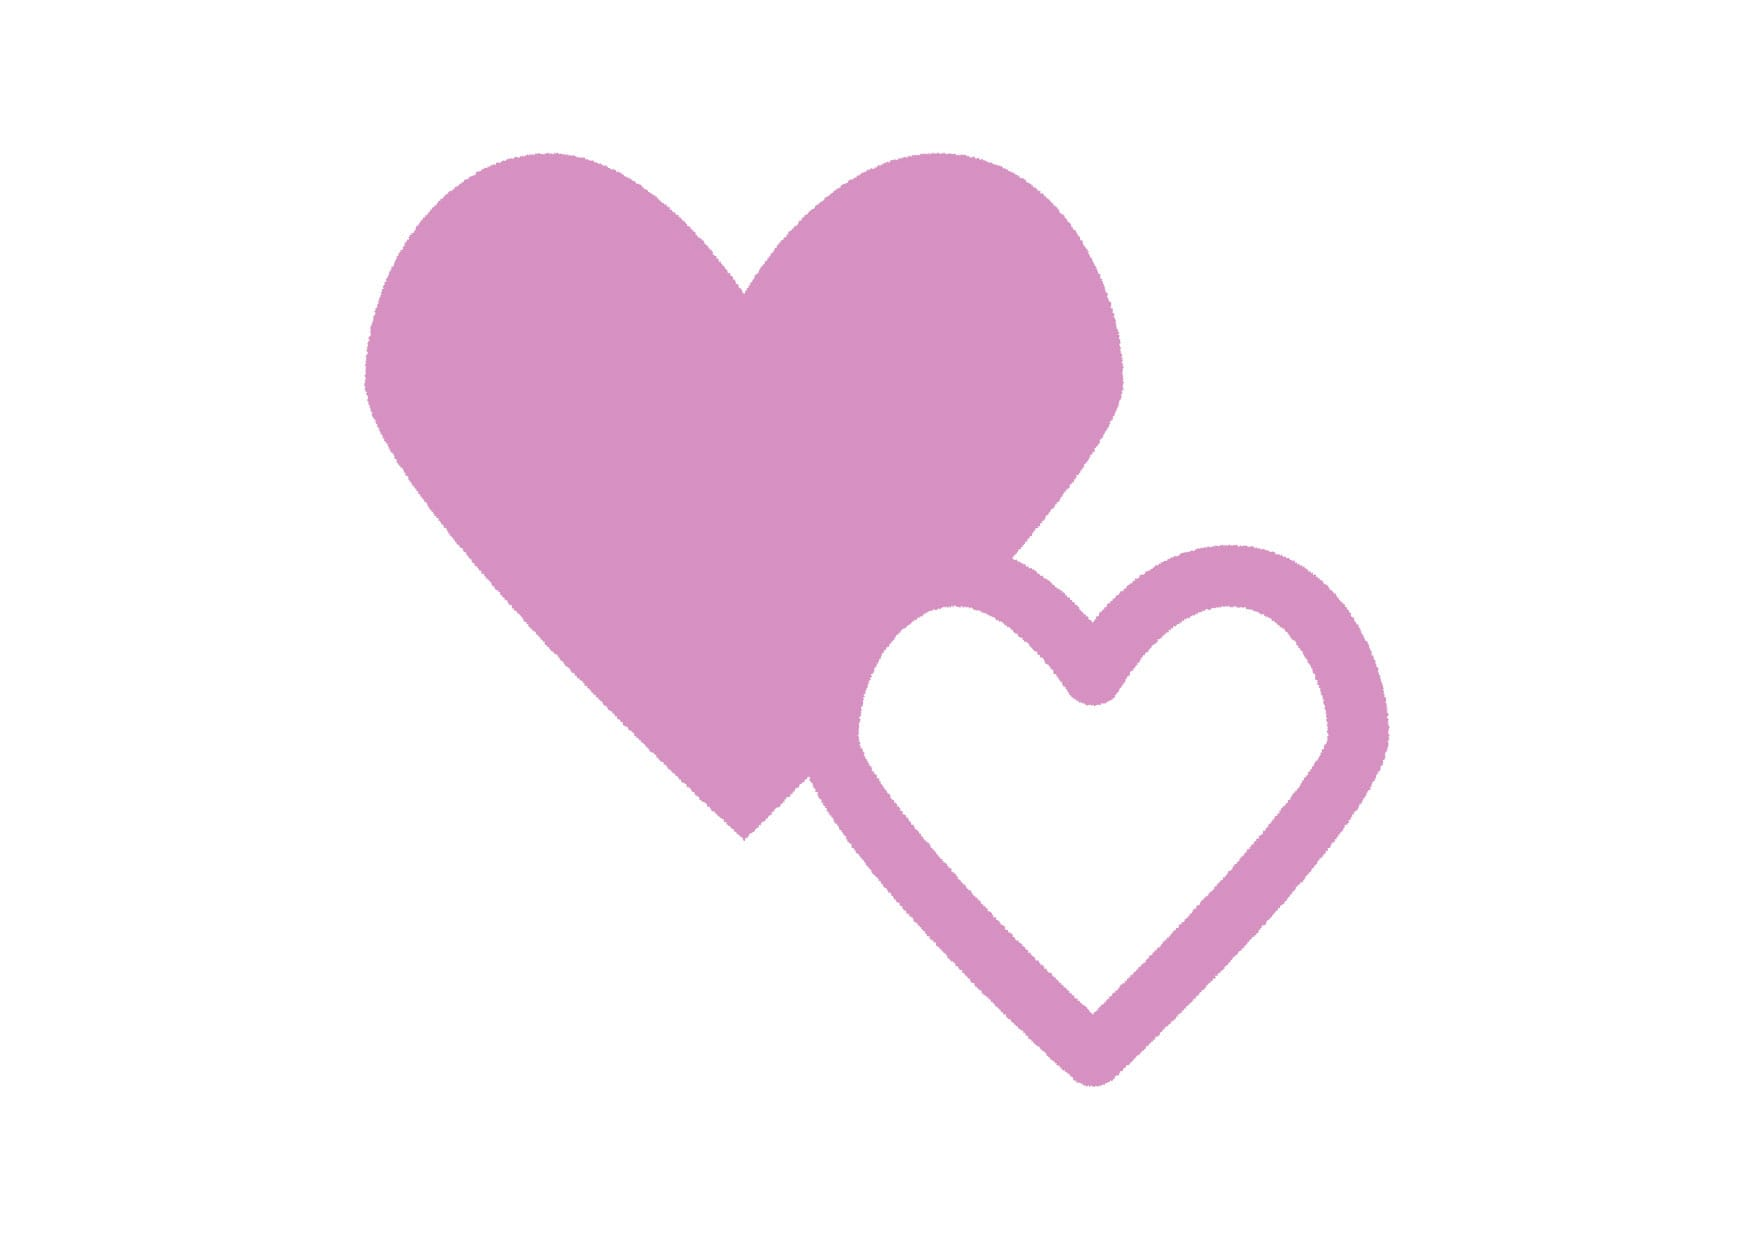 可愛いイラスト無料|ハートマーク 紫色 − free illustration Heart mark purple